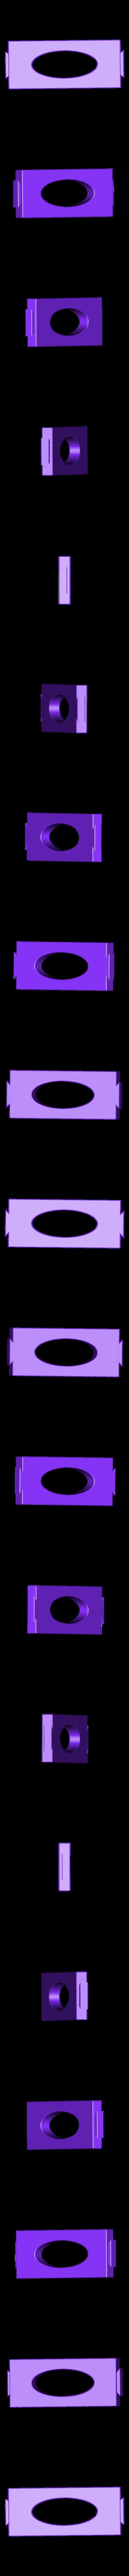 Finder_Spool_Spreader.stl Download free STL file Overhead Spool Holder - Flashforge Finder • 3D print object, itech3dp